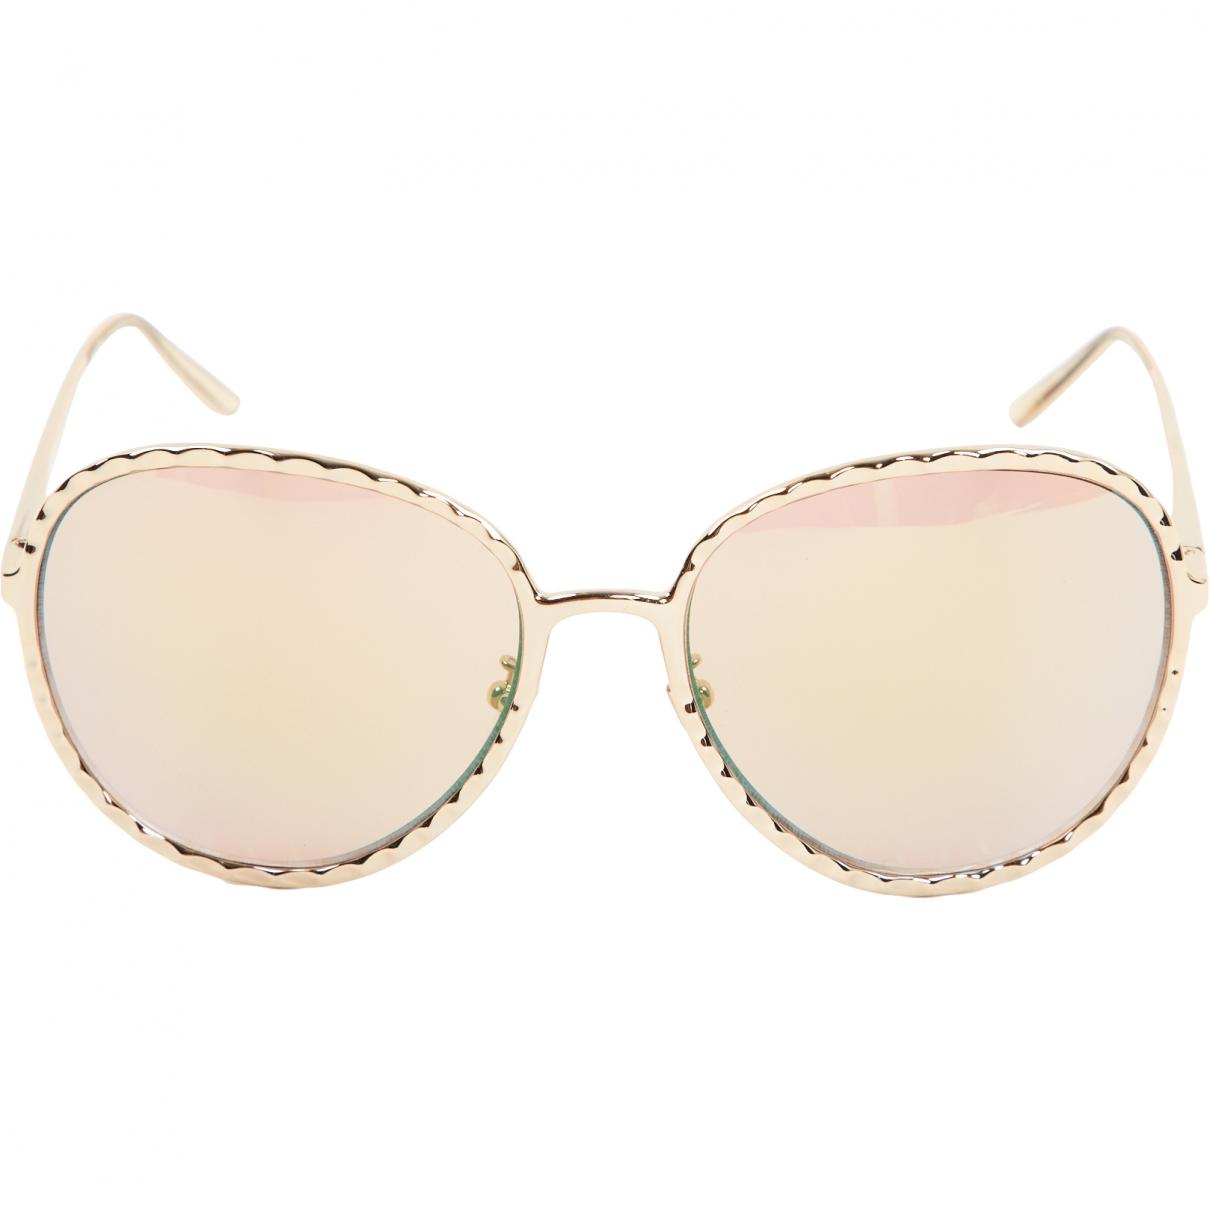 Nina Ricci \N Gold Metal Sunglasses for Women \N